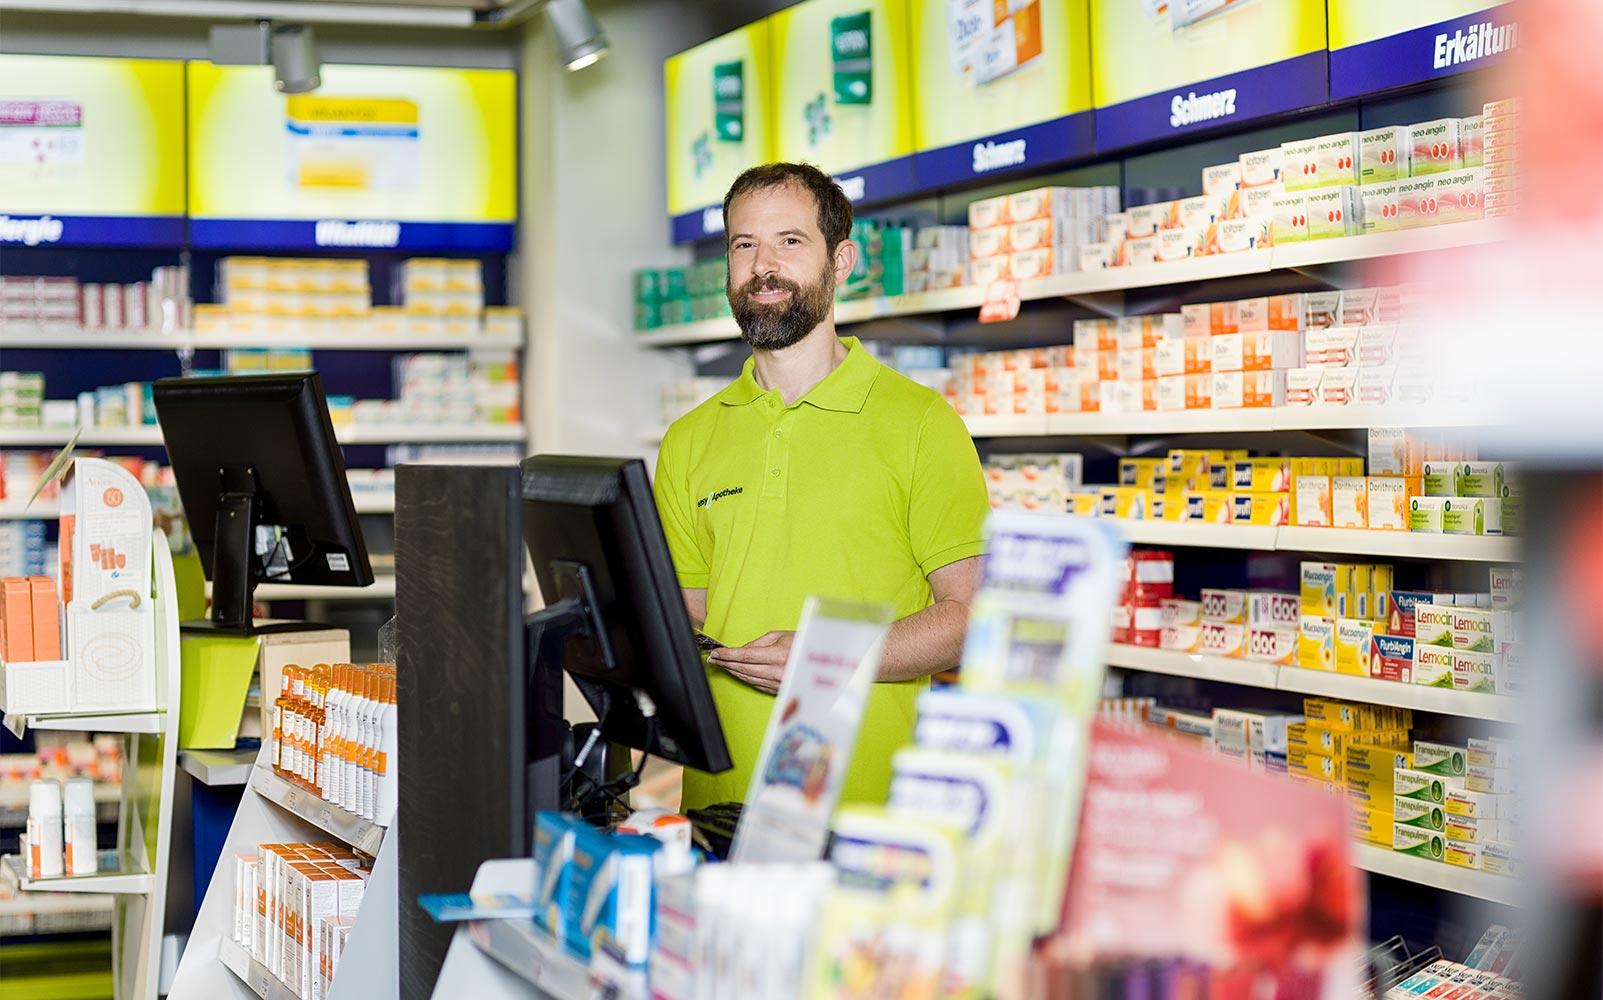 Apothekeninhaber Peter Dorfner berät in seiner easyApotheke Neumarkt